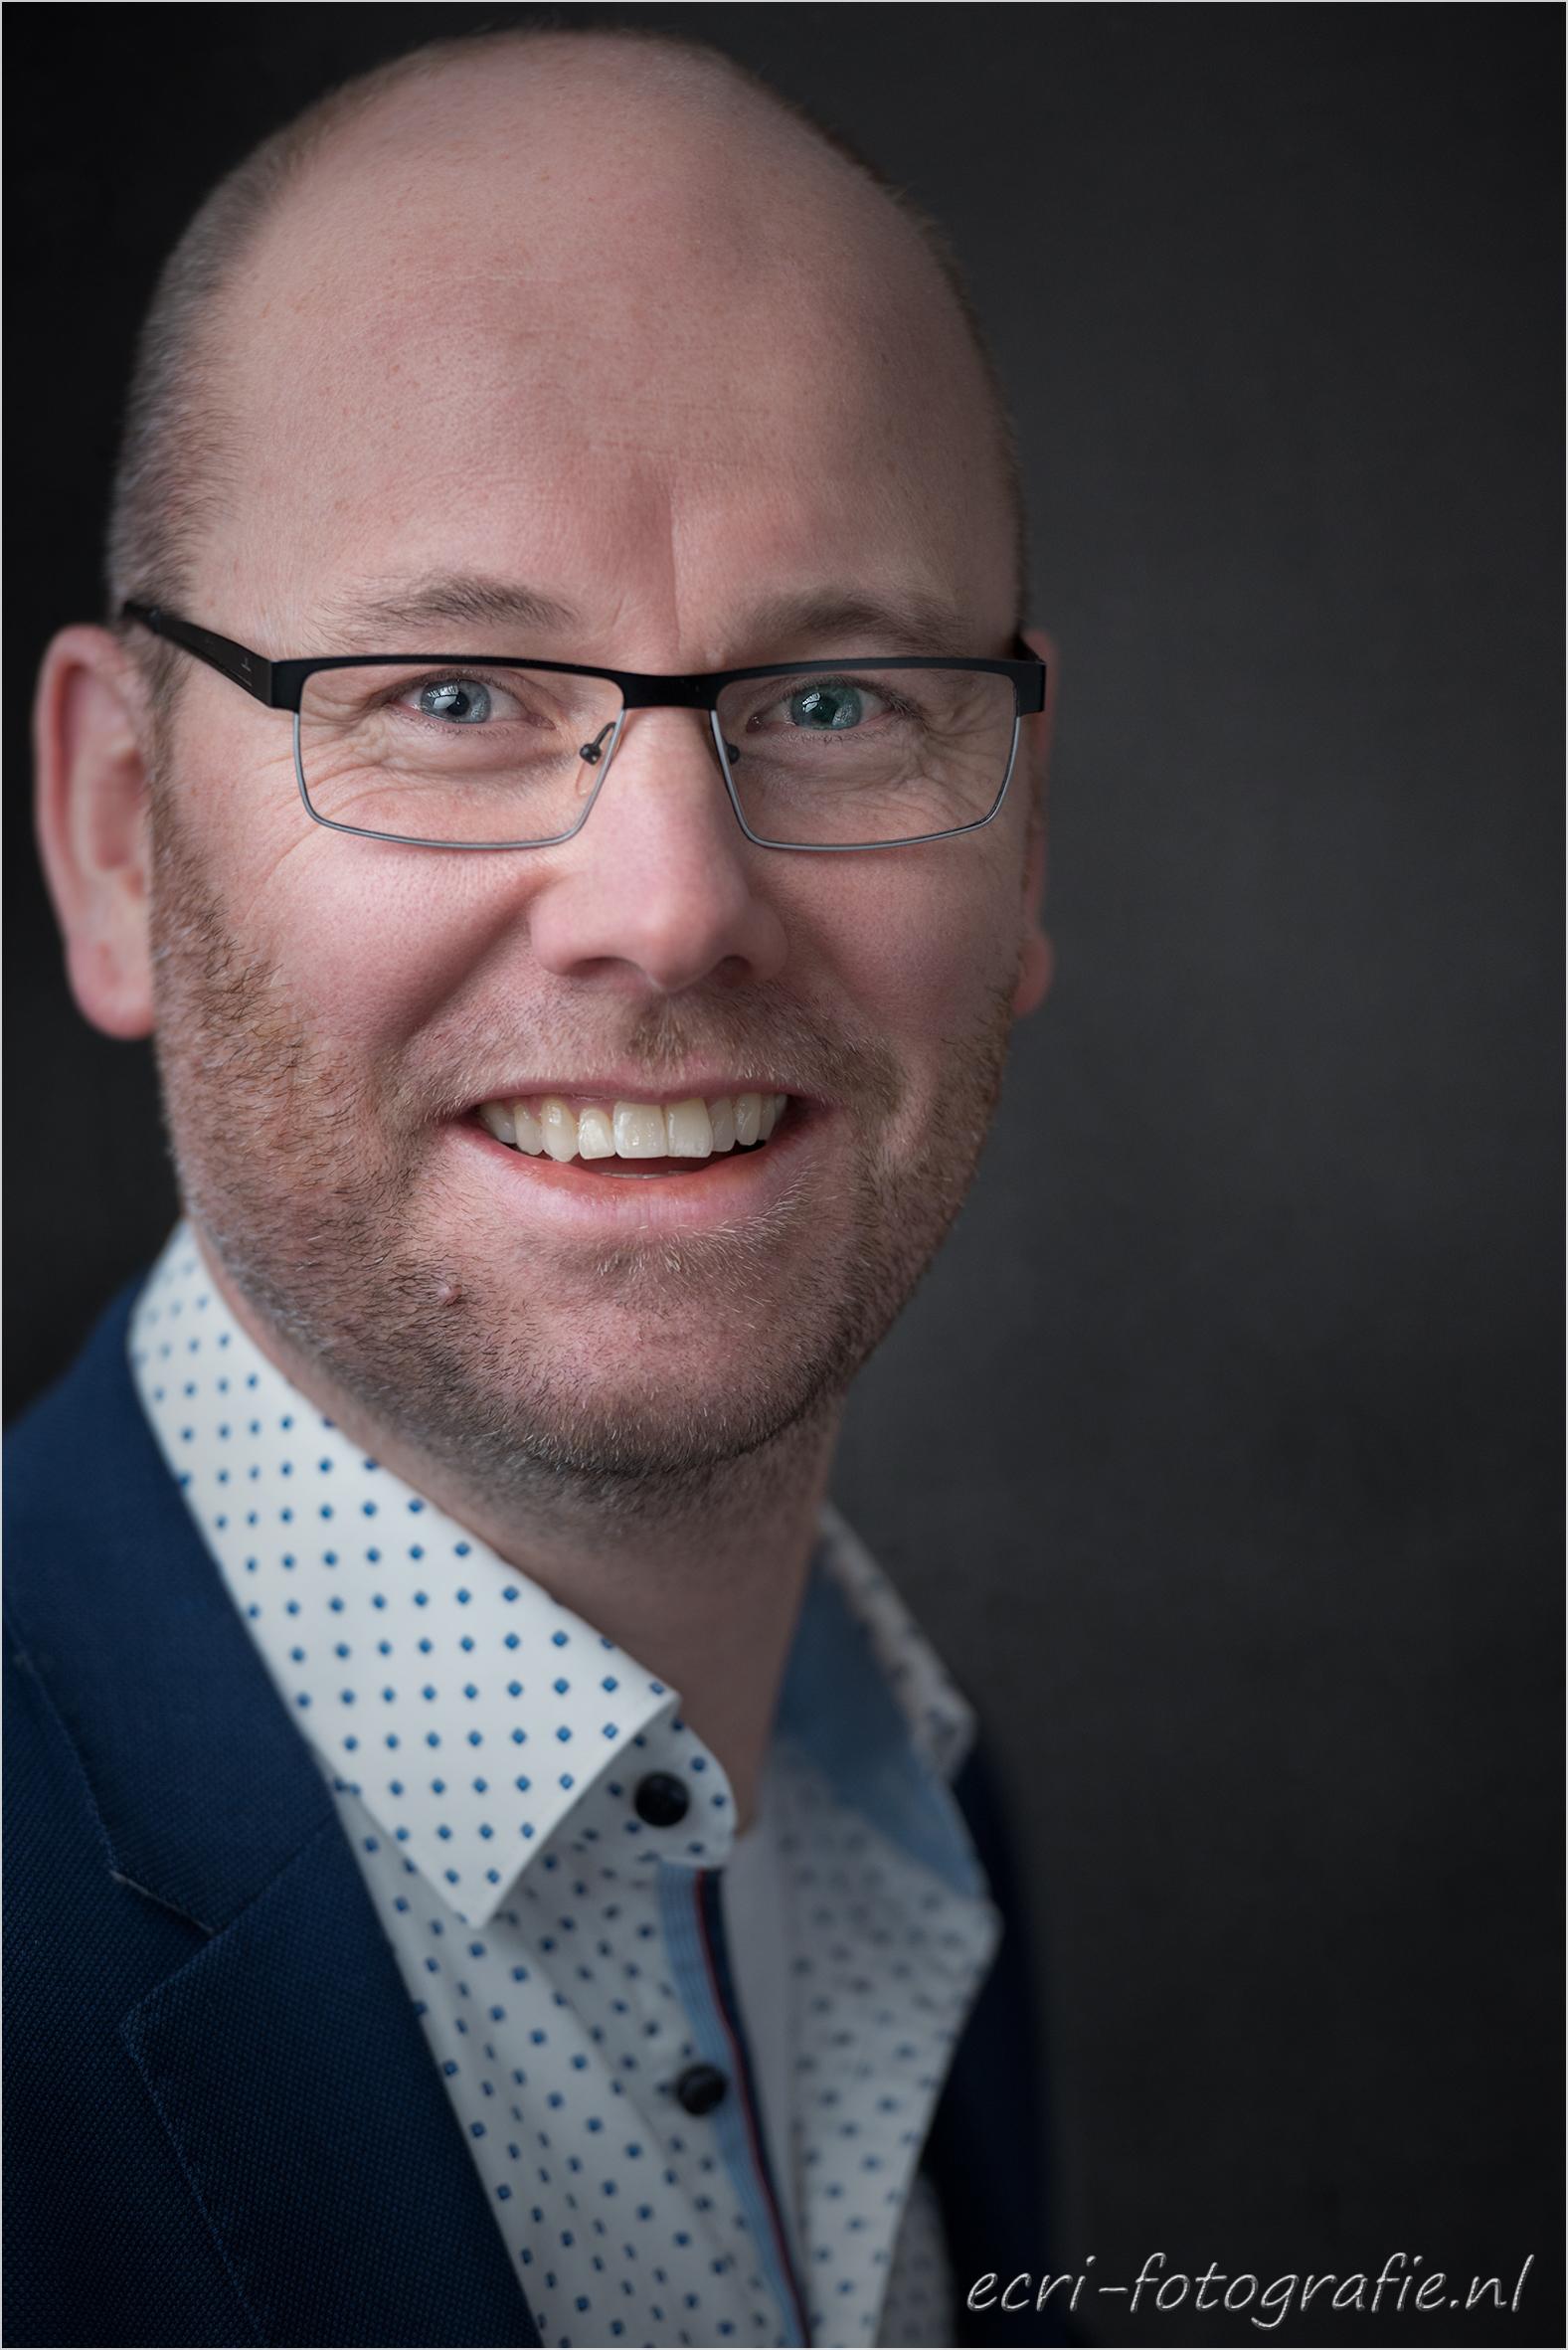 headshot, zakelijk portret, Rabobank, LinkedIn, ecri-fotografie.nl, Eric de Jonge